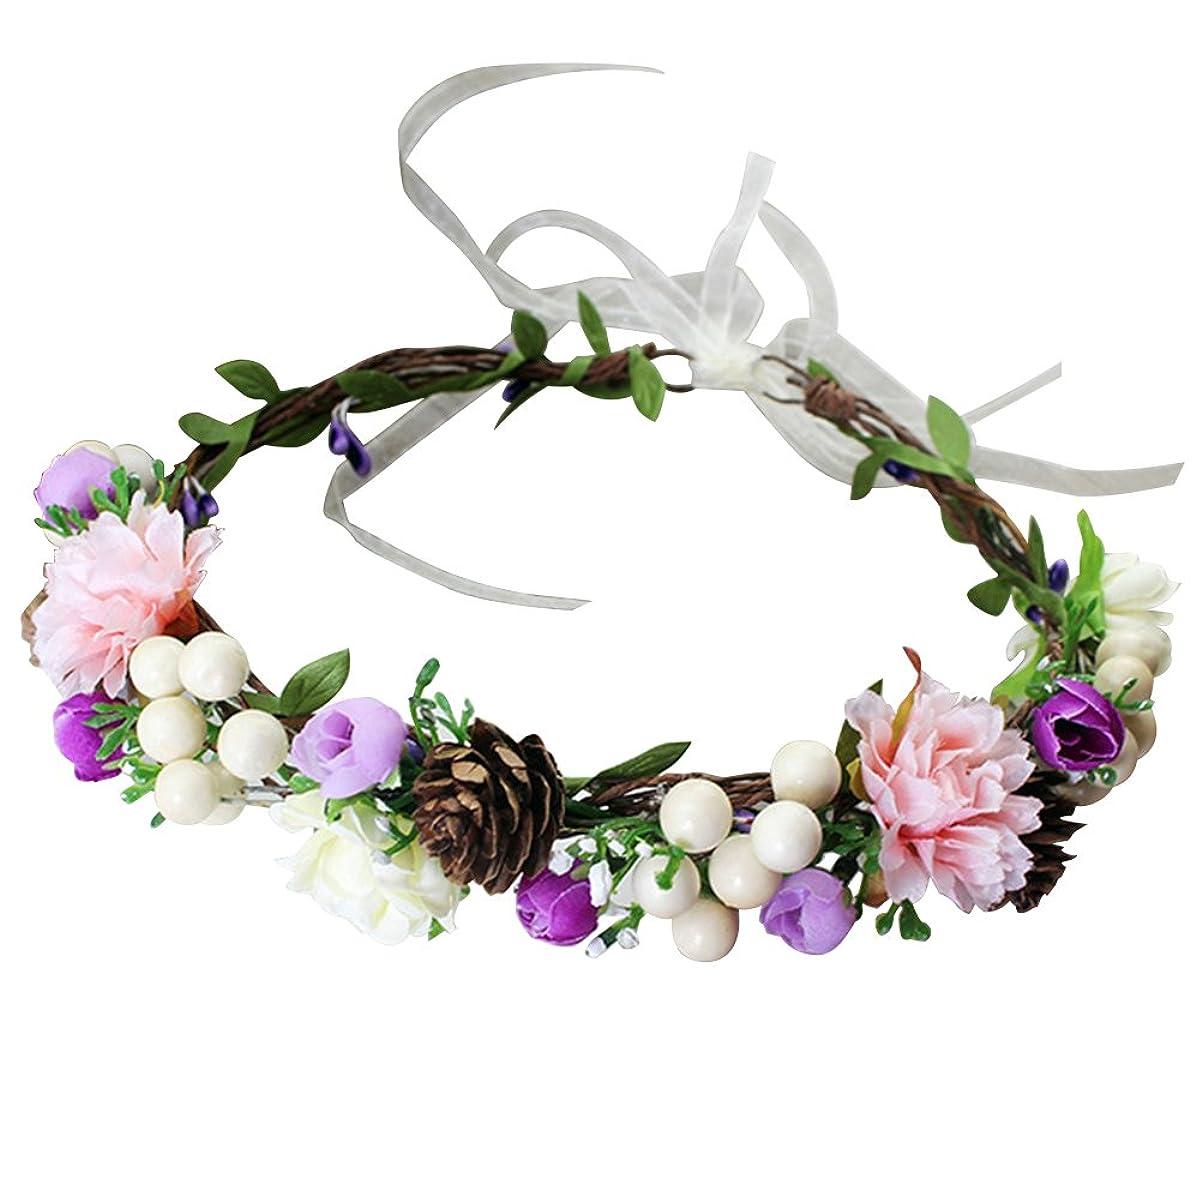 繁栄する忘れっぽい蛇行WINOMO 花かんむり 花冠 花飾り ヘアアクセサリー ブライダル ウェディング 結婚式 花嫁 写真 発表会